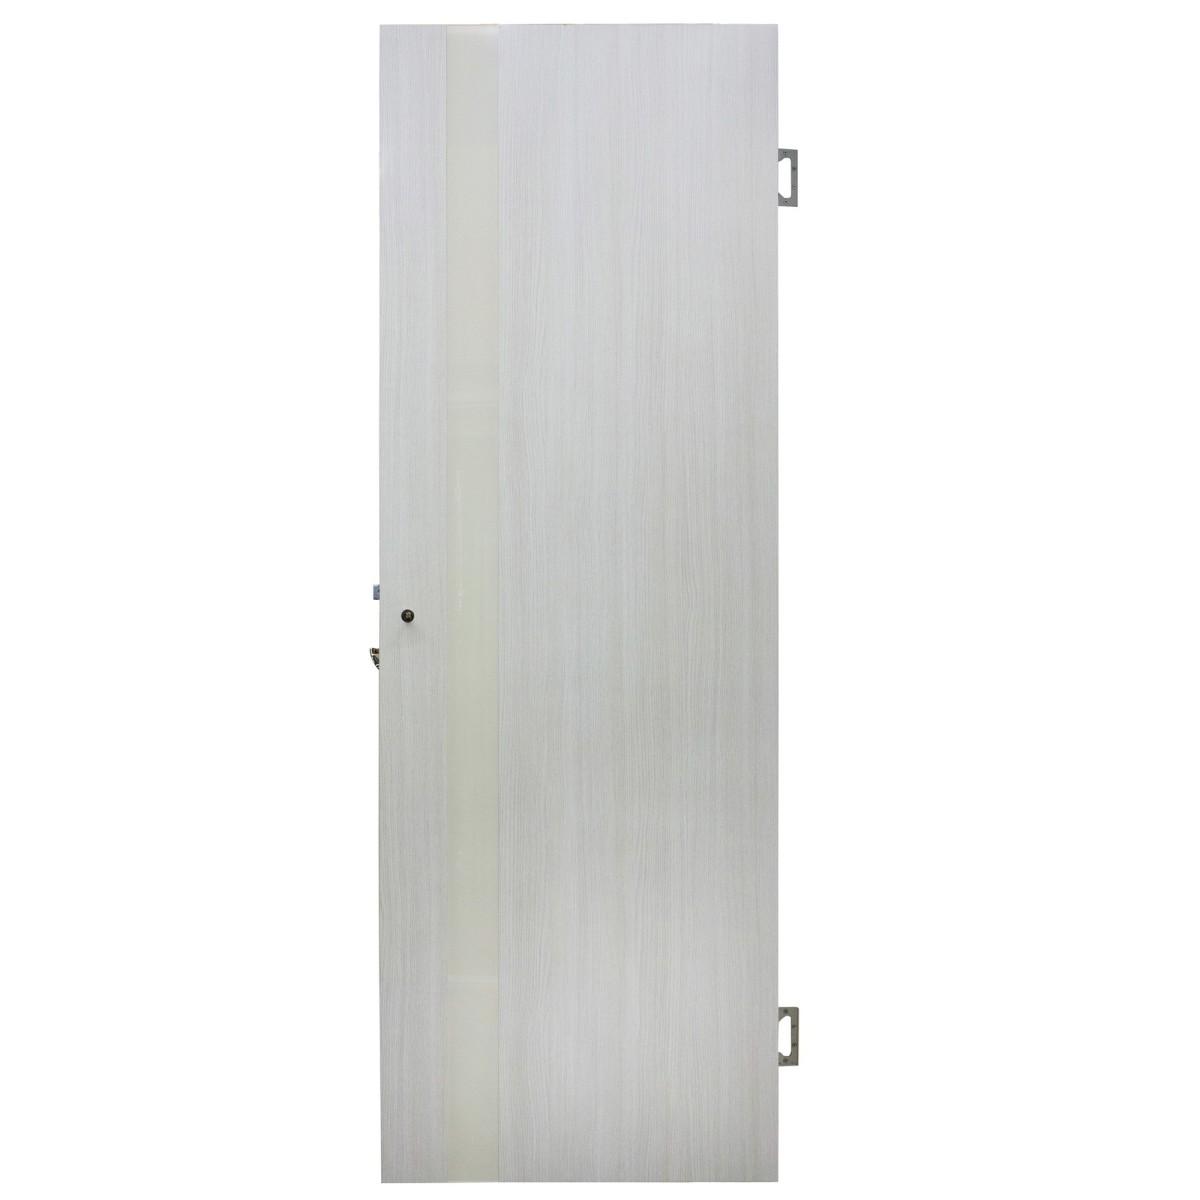 Дверь межкомнатная остеклённая Марсель ПВХ 80x200 см белёный дуб